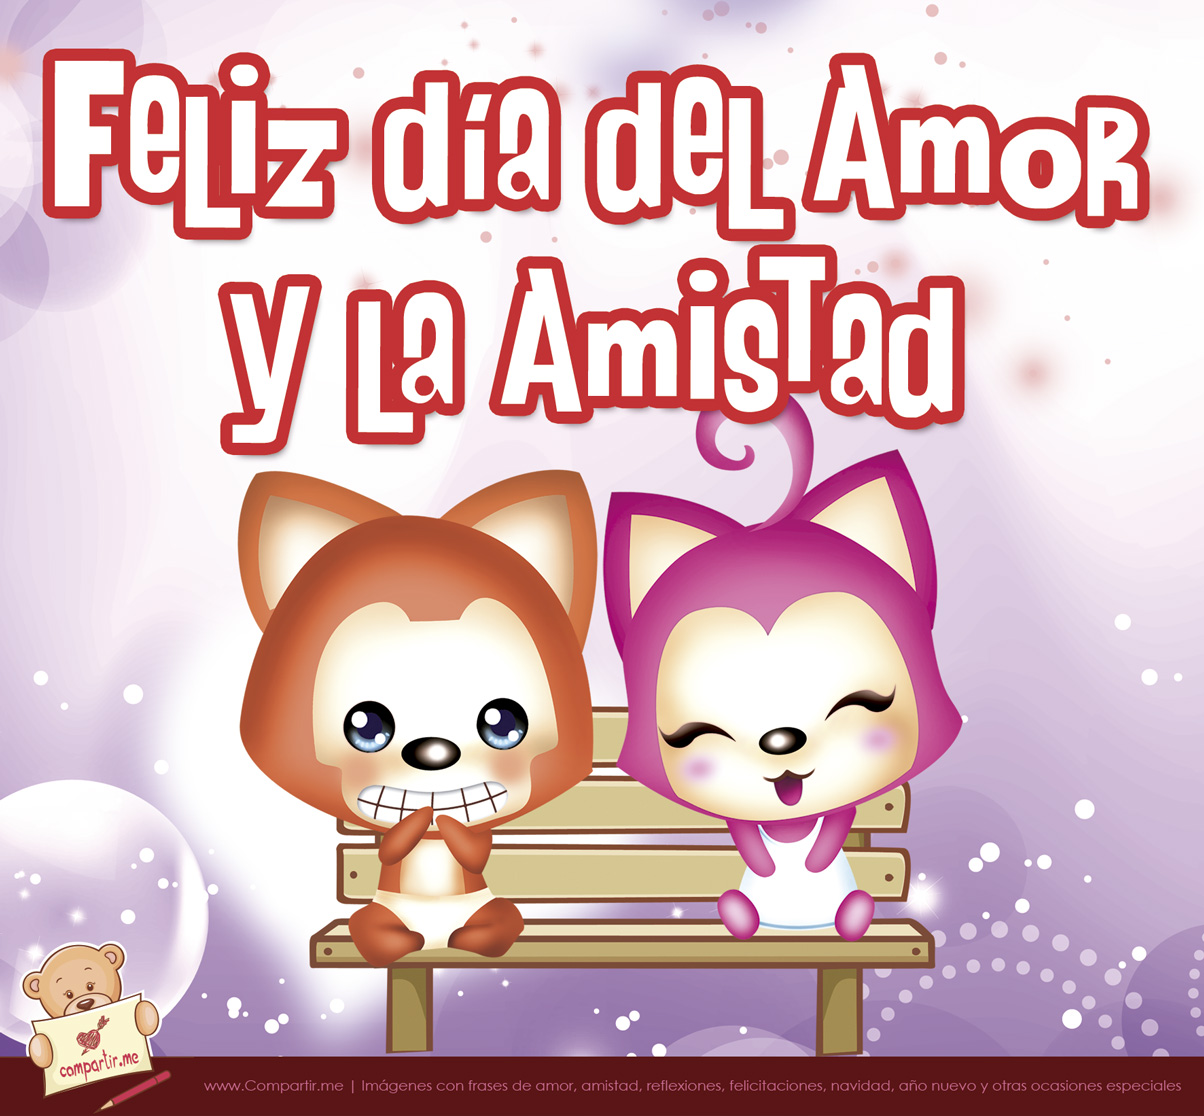 Imagenes Para El Amor Y La Amistad